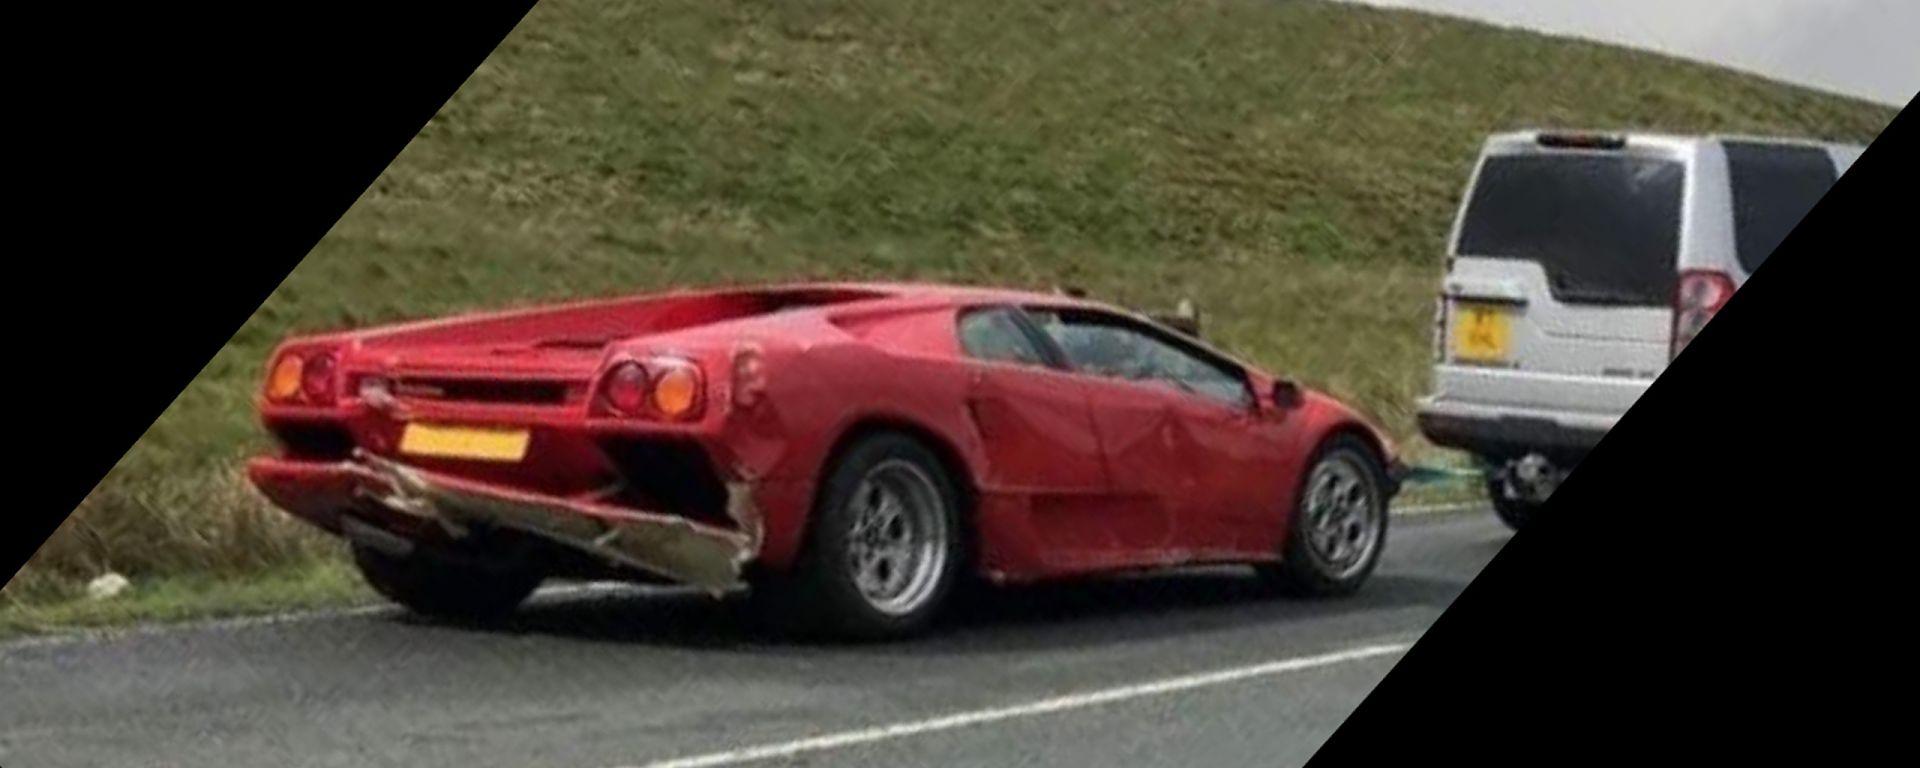 Top Gear: disavventura per Paddy McGuinnes con Lamborghini Diablo